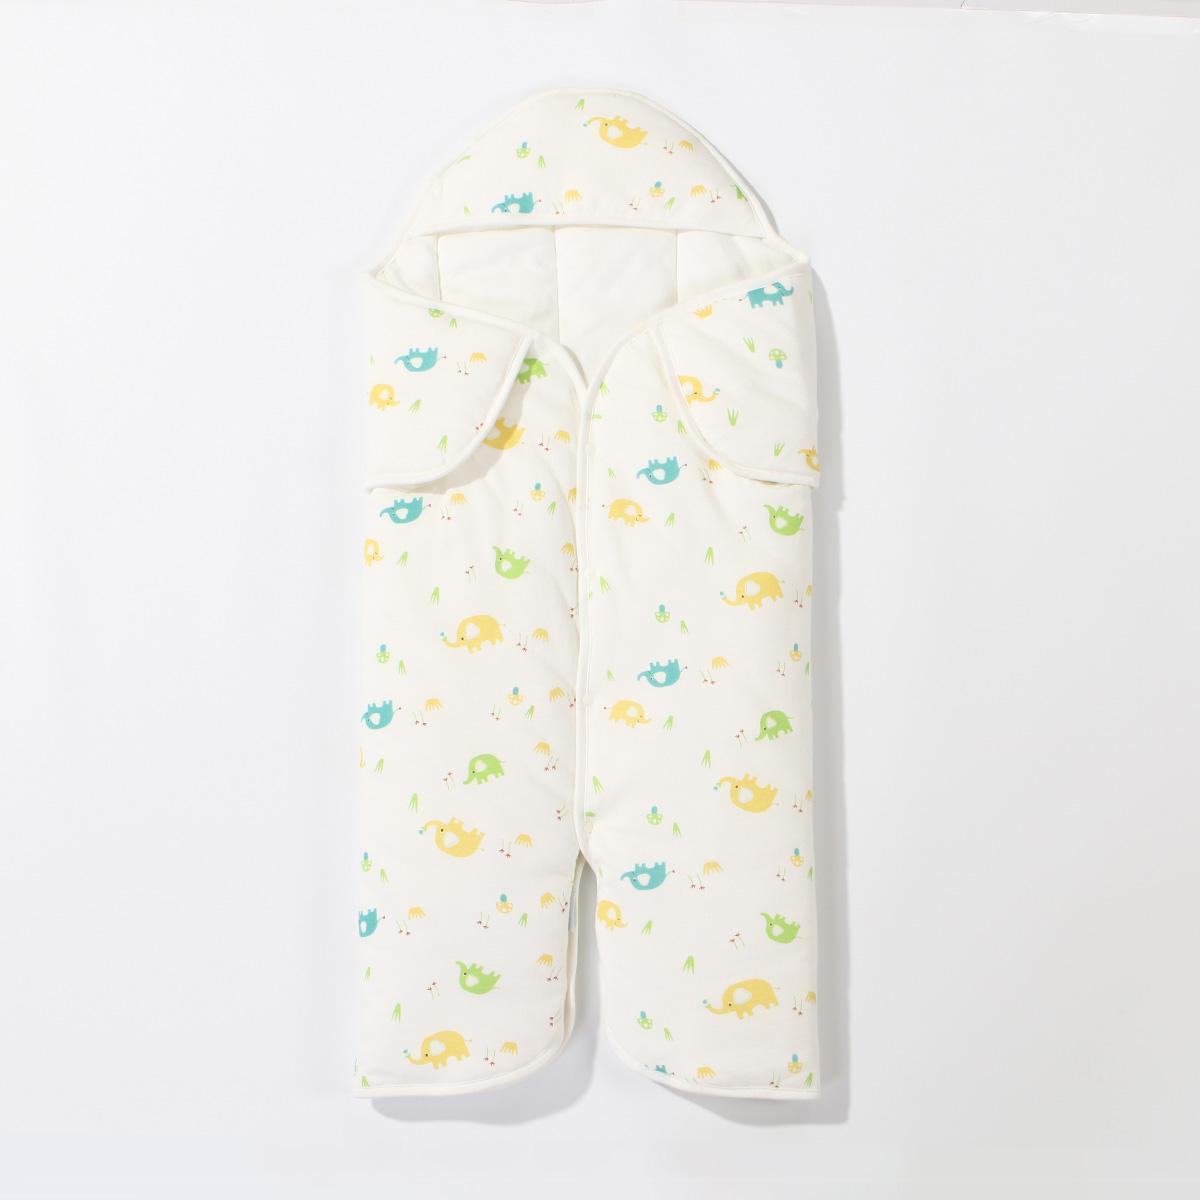 Вода звезда домой спин спальный мешок ребенок противо удар одеяло ребенок спальный мешок ребенок осень и зима противо удар находятся Baby плечи стиль